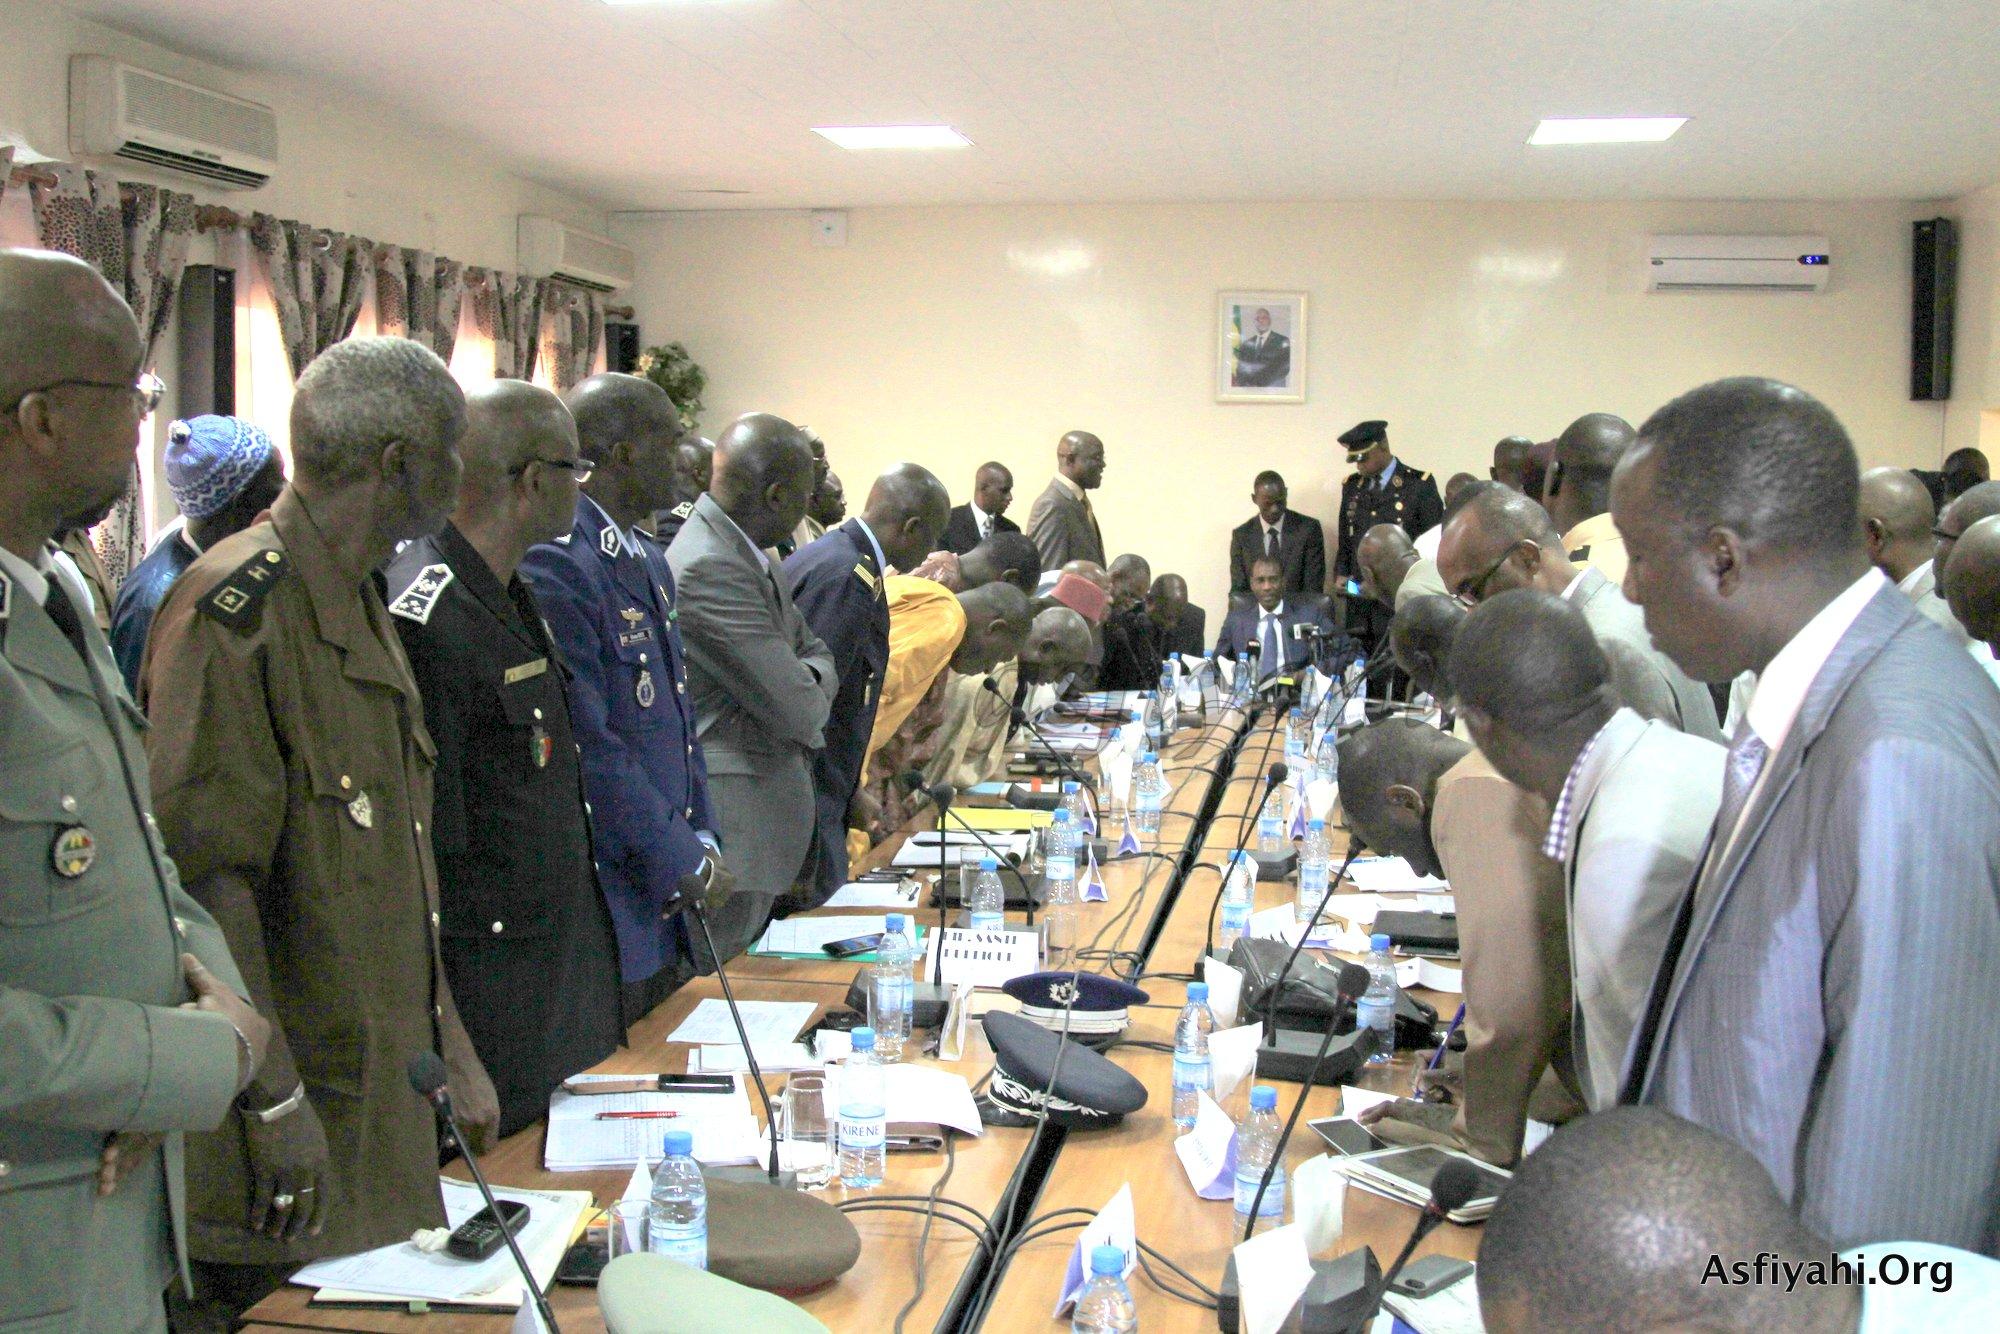 PHOTOS: Préparatifs du Gamou de Tivaouane 2015 – Les Images du CRD tenu au Ministère de l'intérieur ce Mardi 16 Décembre 2014